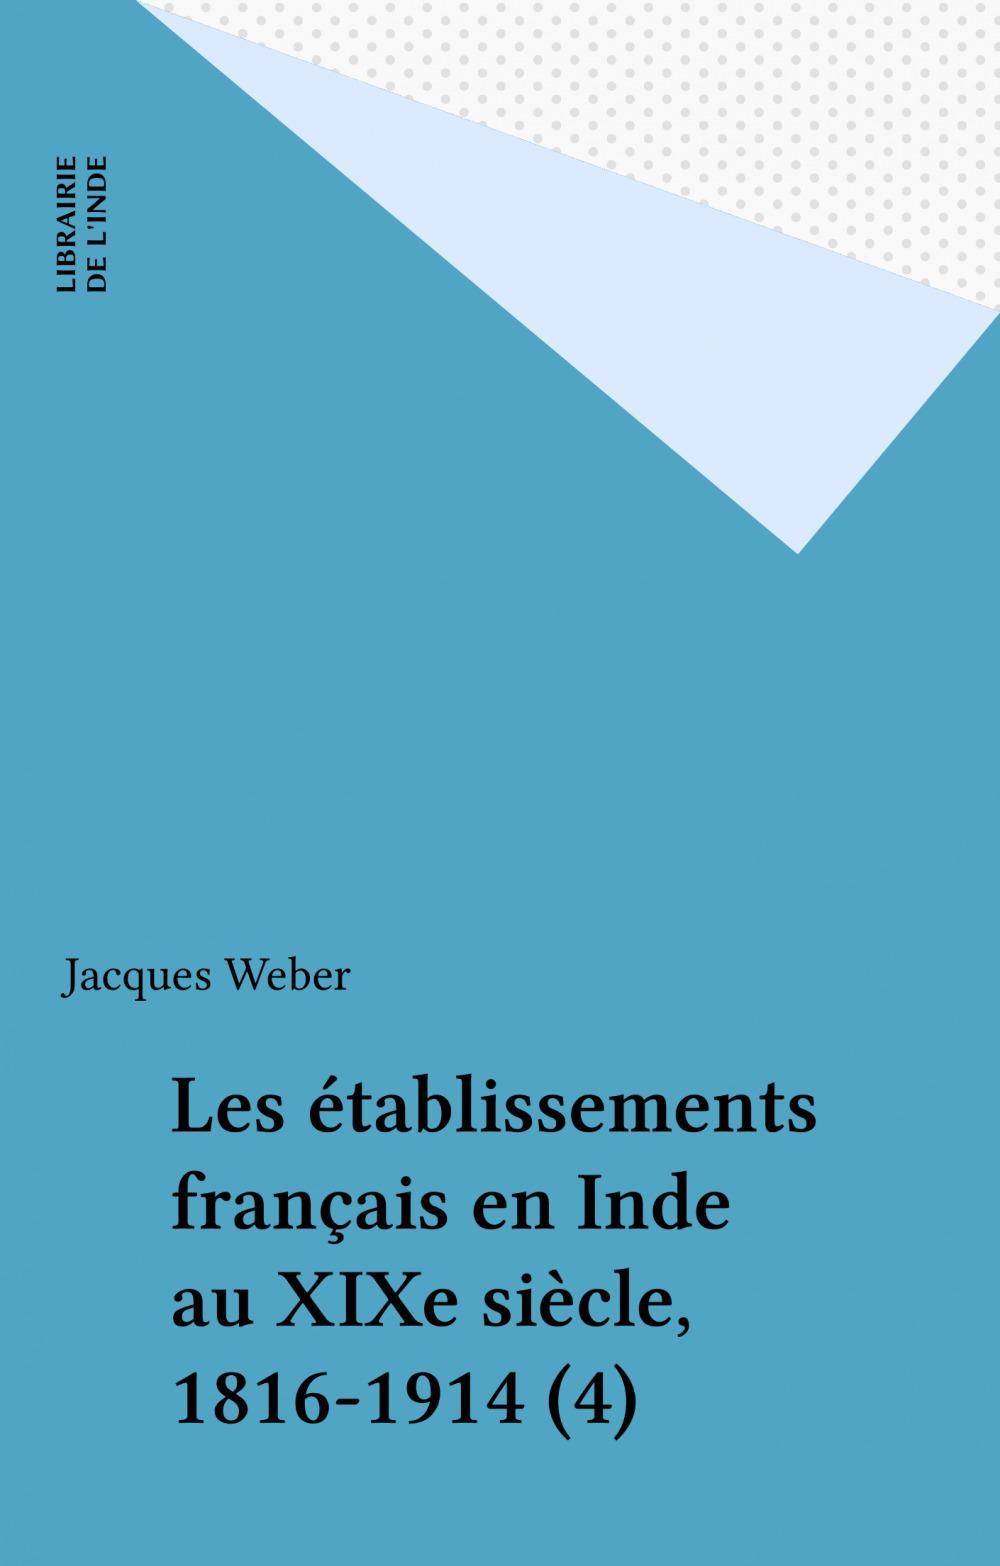 Les établissements français en Inde au XIXe siècle, 1816-1914 (4)